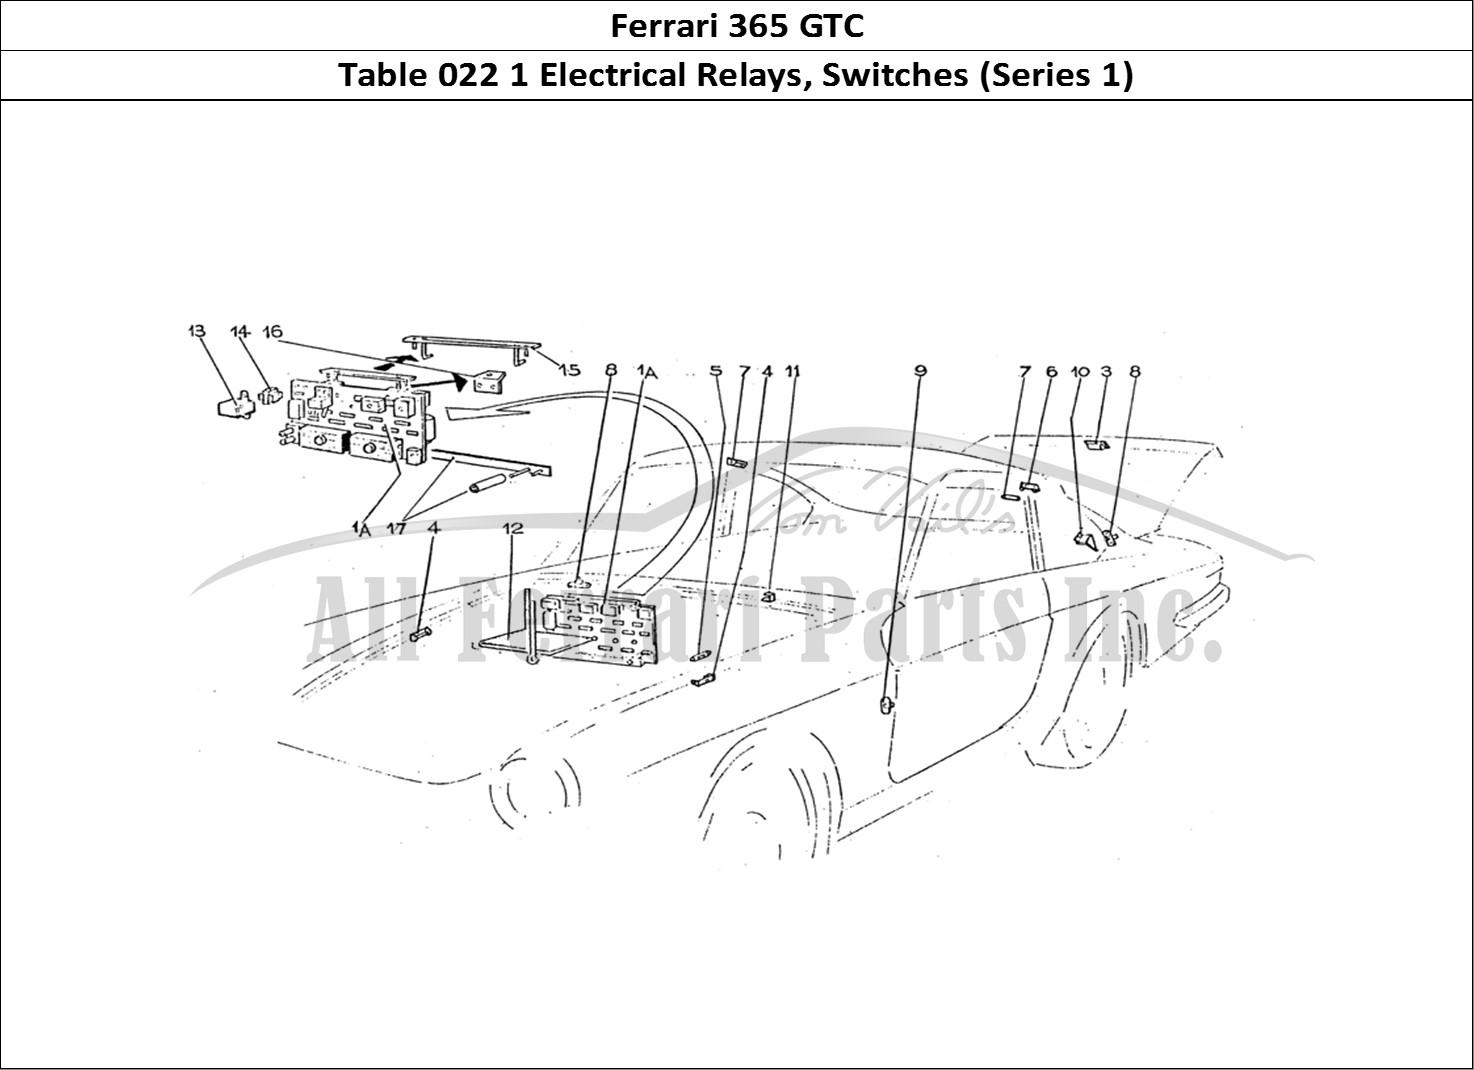 Buy Original Ferrari 365 Gtc 022 1 Electrical Relays